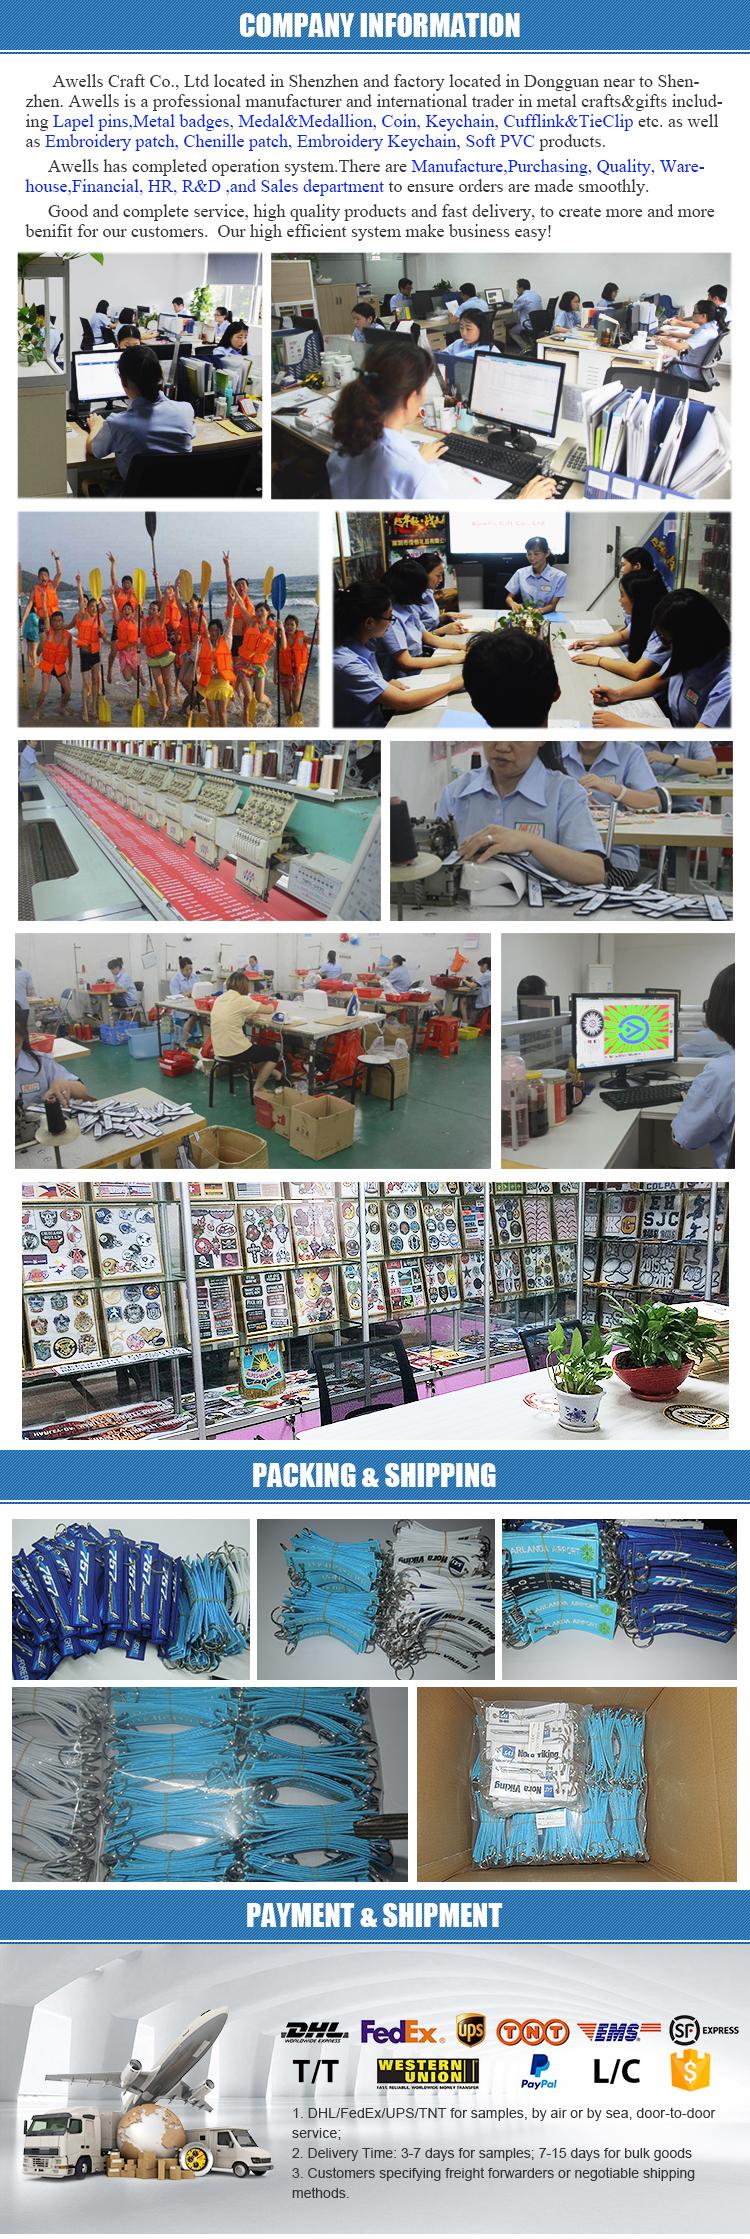 EK-company.jpg